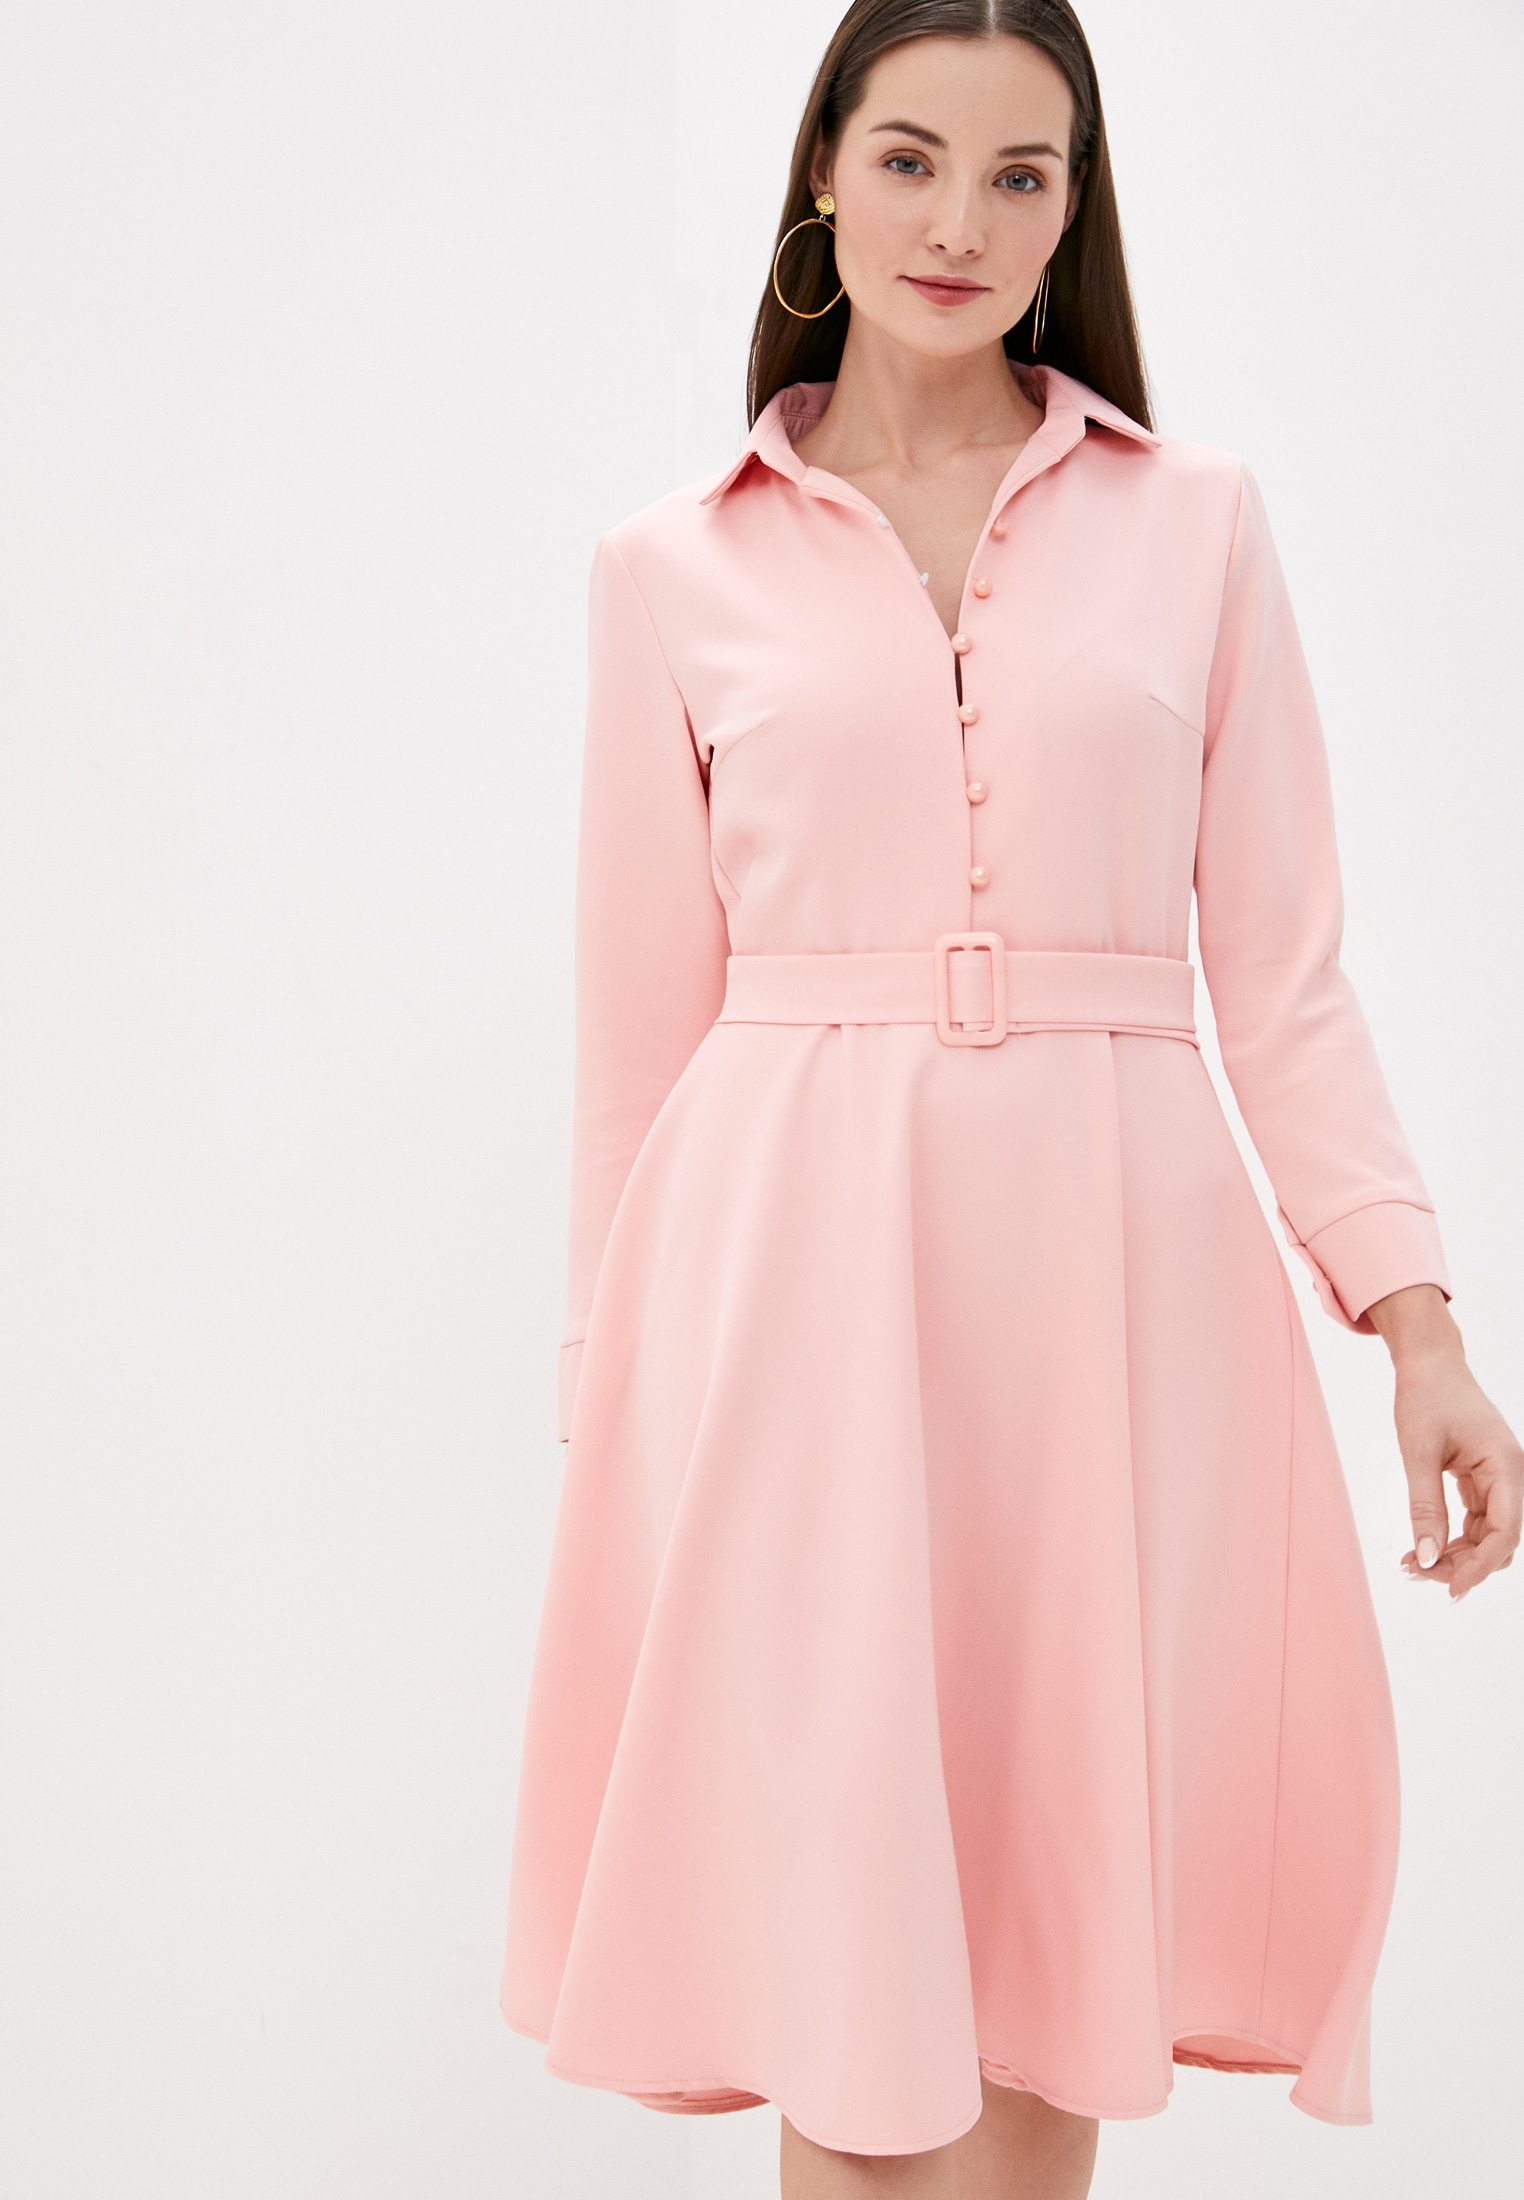 Платье Pink Orange PO21-1359